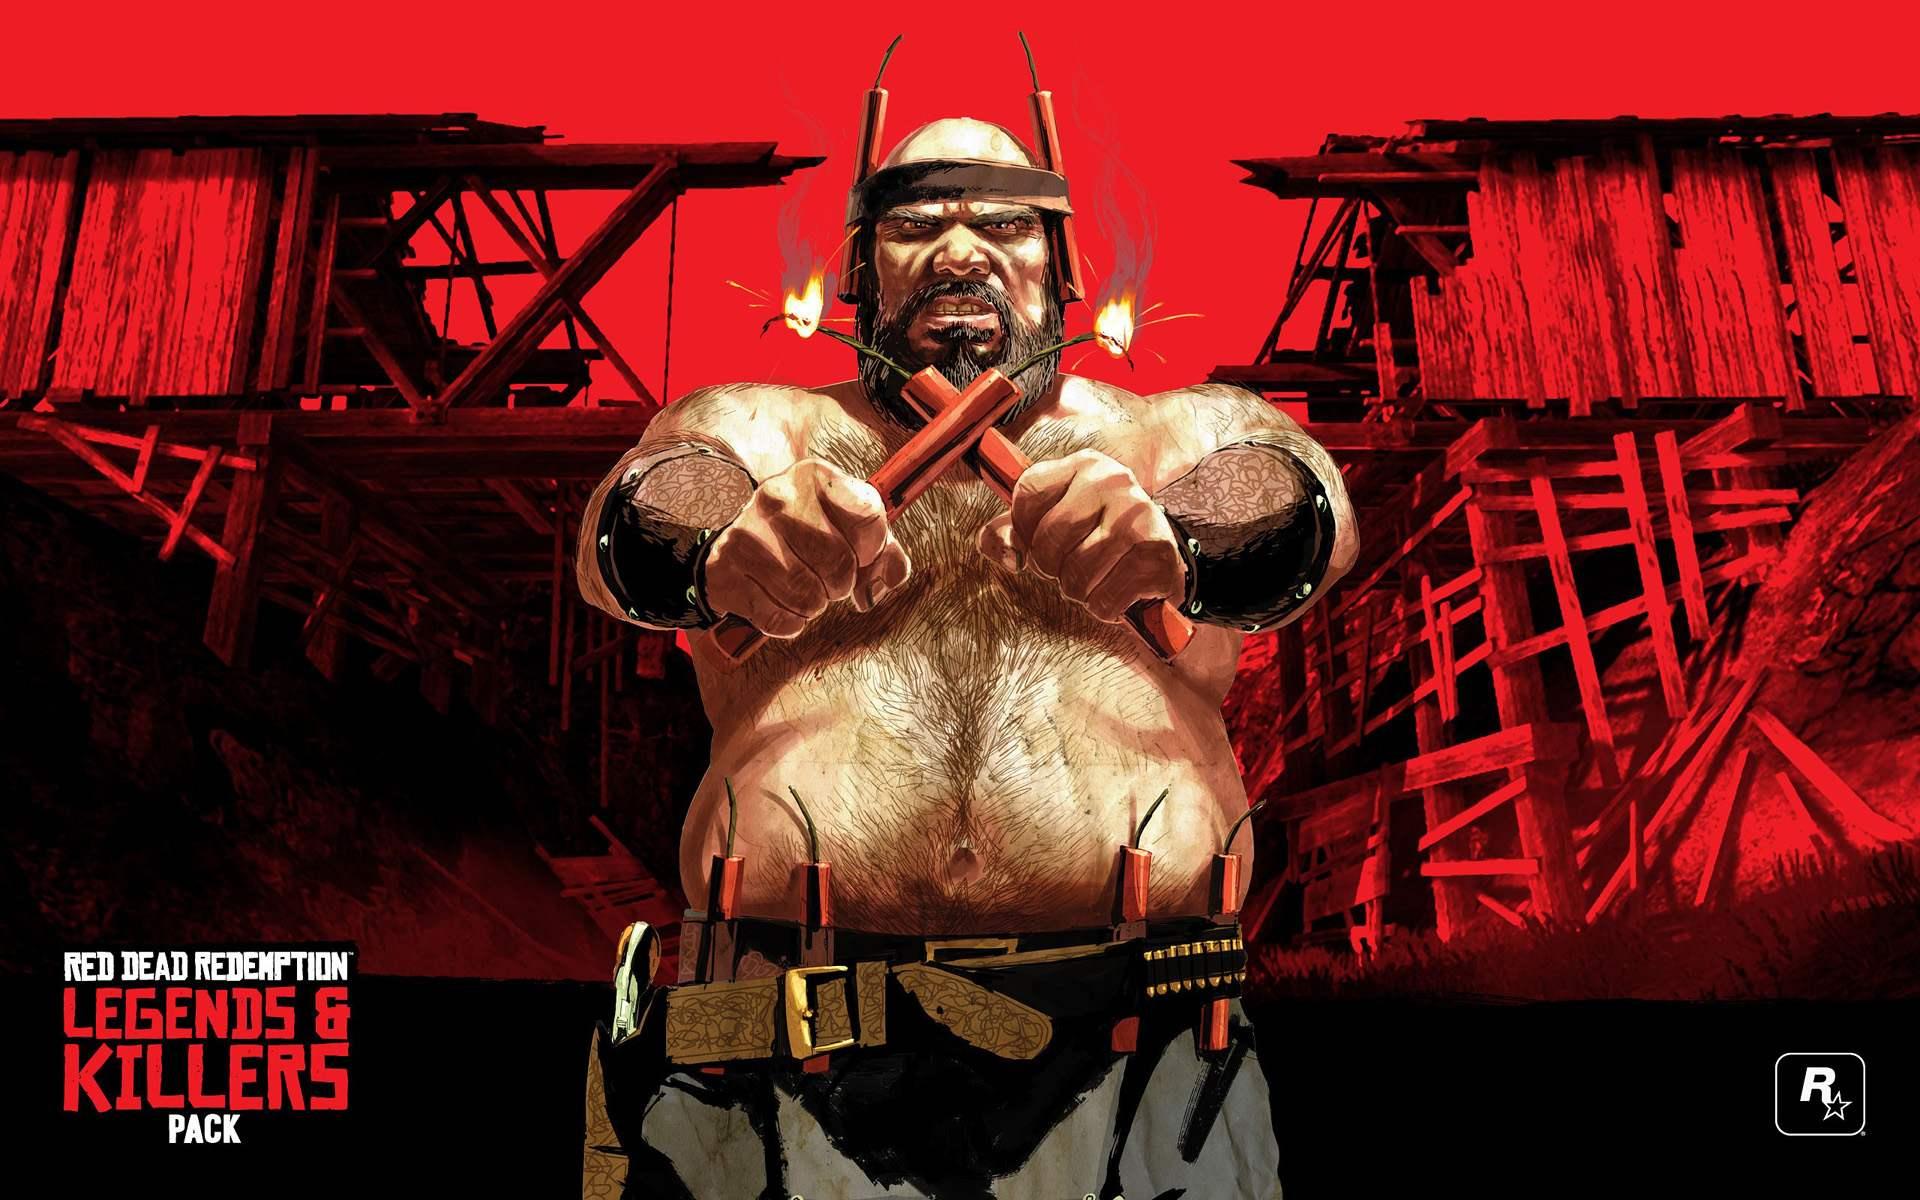 Widescreen Red Dead Redemption Undead Nightmare By Feroze Lghan